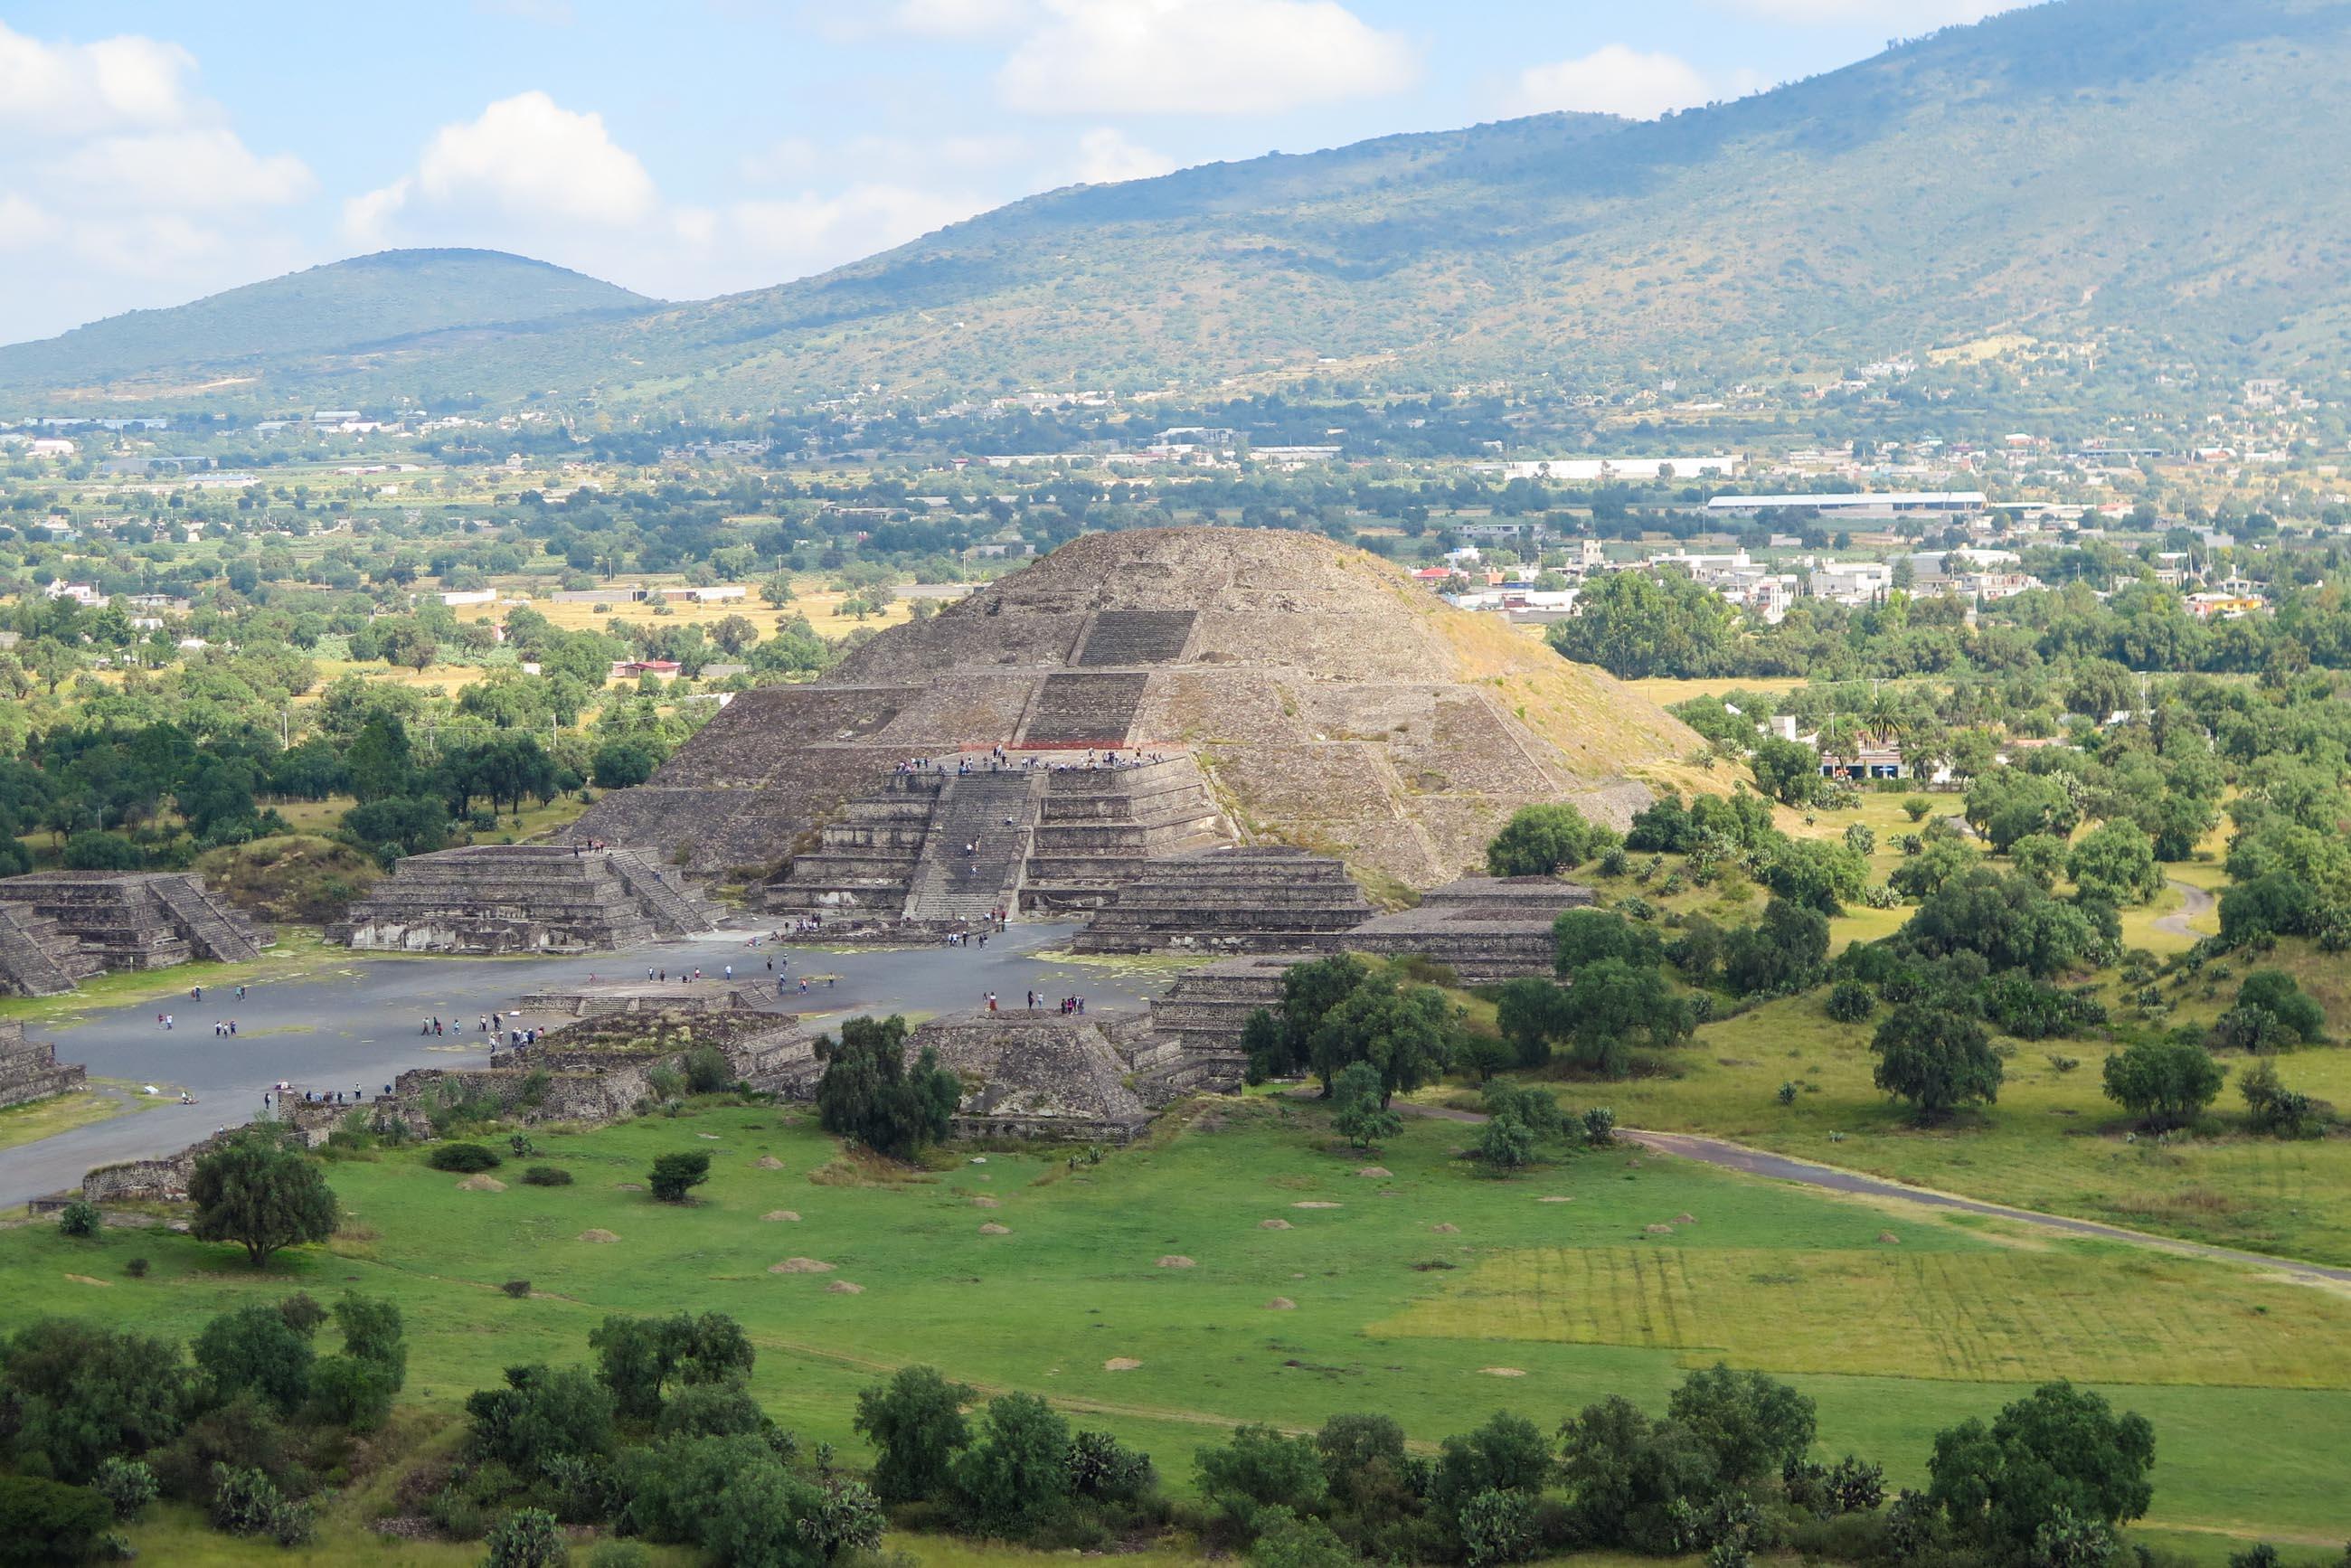 https://bubo.sk/uploads/galleries/5010/ivana_durcova_teotihuacan-4-.jpg